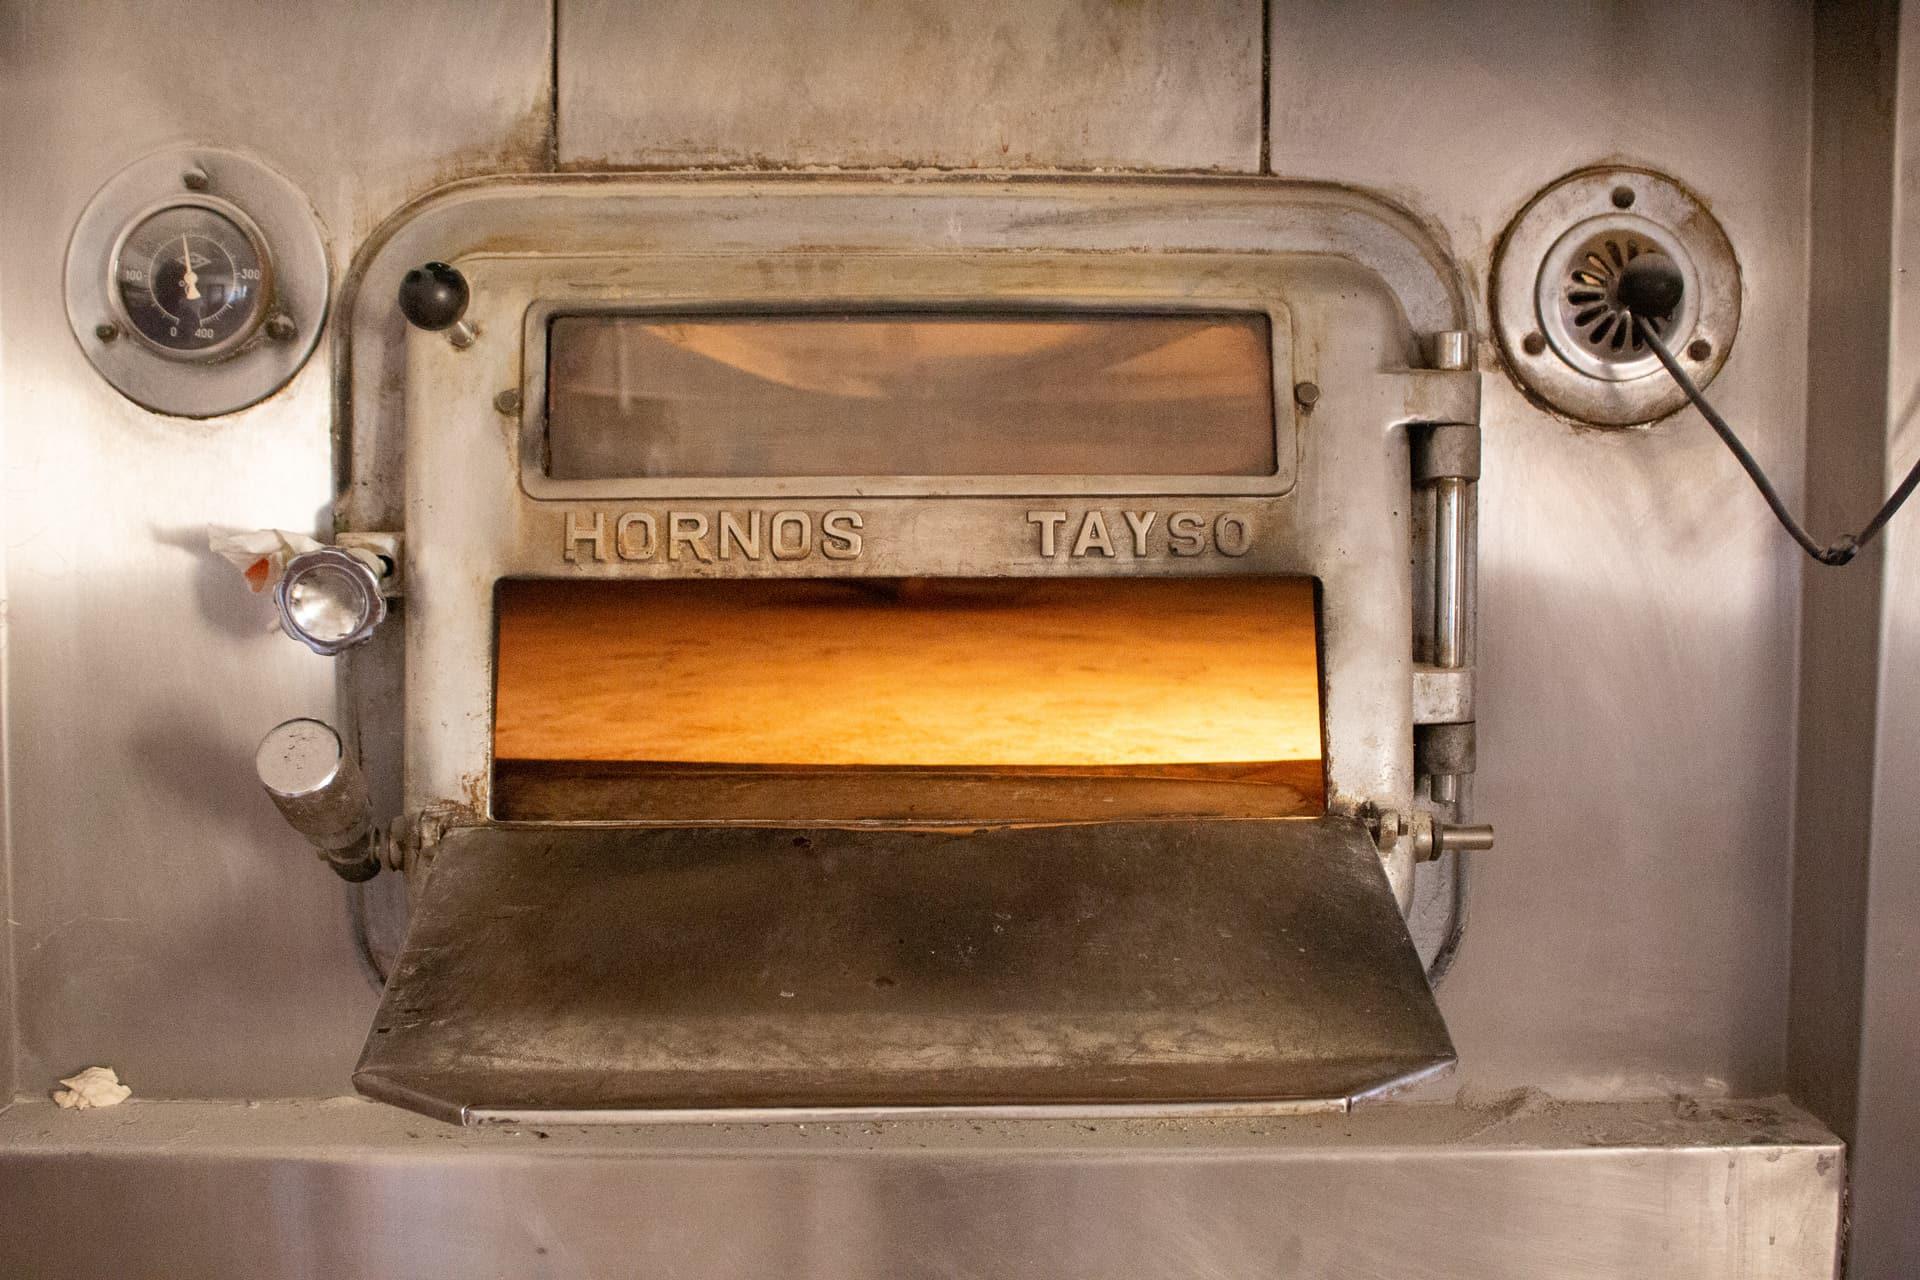 Pan de León Panadería Villabente horno